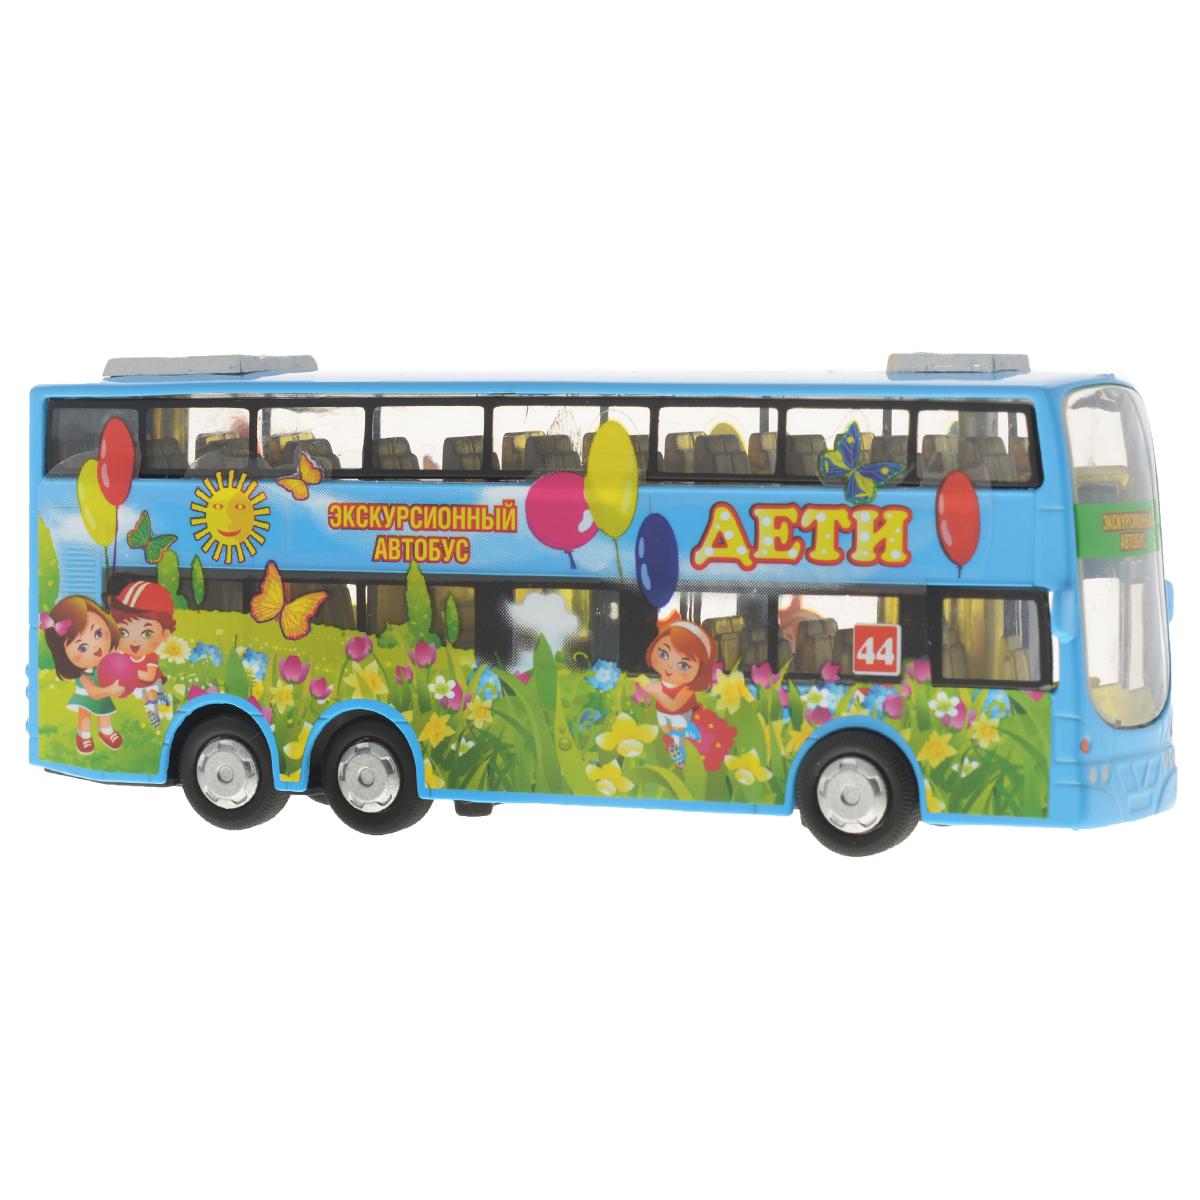 Игрушка инерционная ТехноПарк Автобус двухэтажный: ДетиCT10-054-1Инерционная игрушка ТехноПарк Автобус двухэтажный: Дети, выполненная из пластика и металла, станет любимой игрушкой вашего малыша. Игрушка представляет собой модель двухэтажного экскурсионного автобуса для детей. У него открываются дверь, ведущая в салон, и багажное отделение. При нажатии на корпус автобуса замигает внутренняя подсветка и раздастся звук работающего двигателя. Игрушка оснащена инерционным ходом. Автобус необходимо отвести назад, затем отпустить - и он быстро поедет вперед. Прорезиненные колеса обеспечивают надежное сцепление с любой гладкой поверхностью. Ваш ребенок будет часами играть с этой игрушкой, придумывая различные истории. Порадуйте его таким замечательным подарком! Автобус работает от батареек (товар комплектуется демонстрационными).